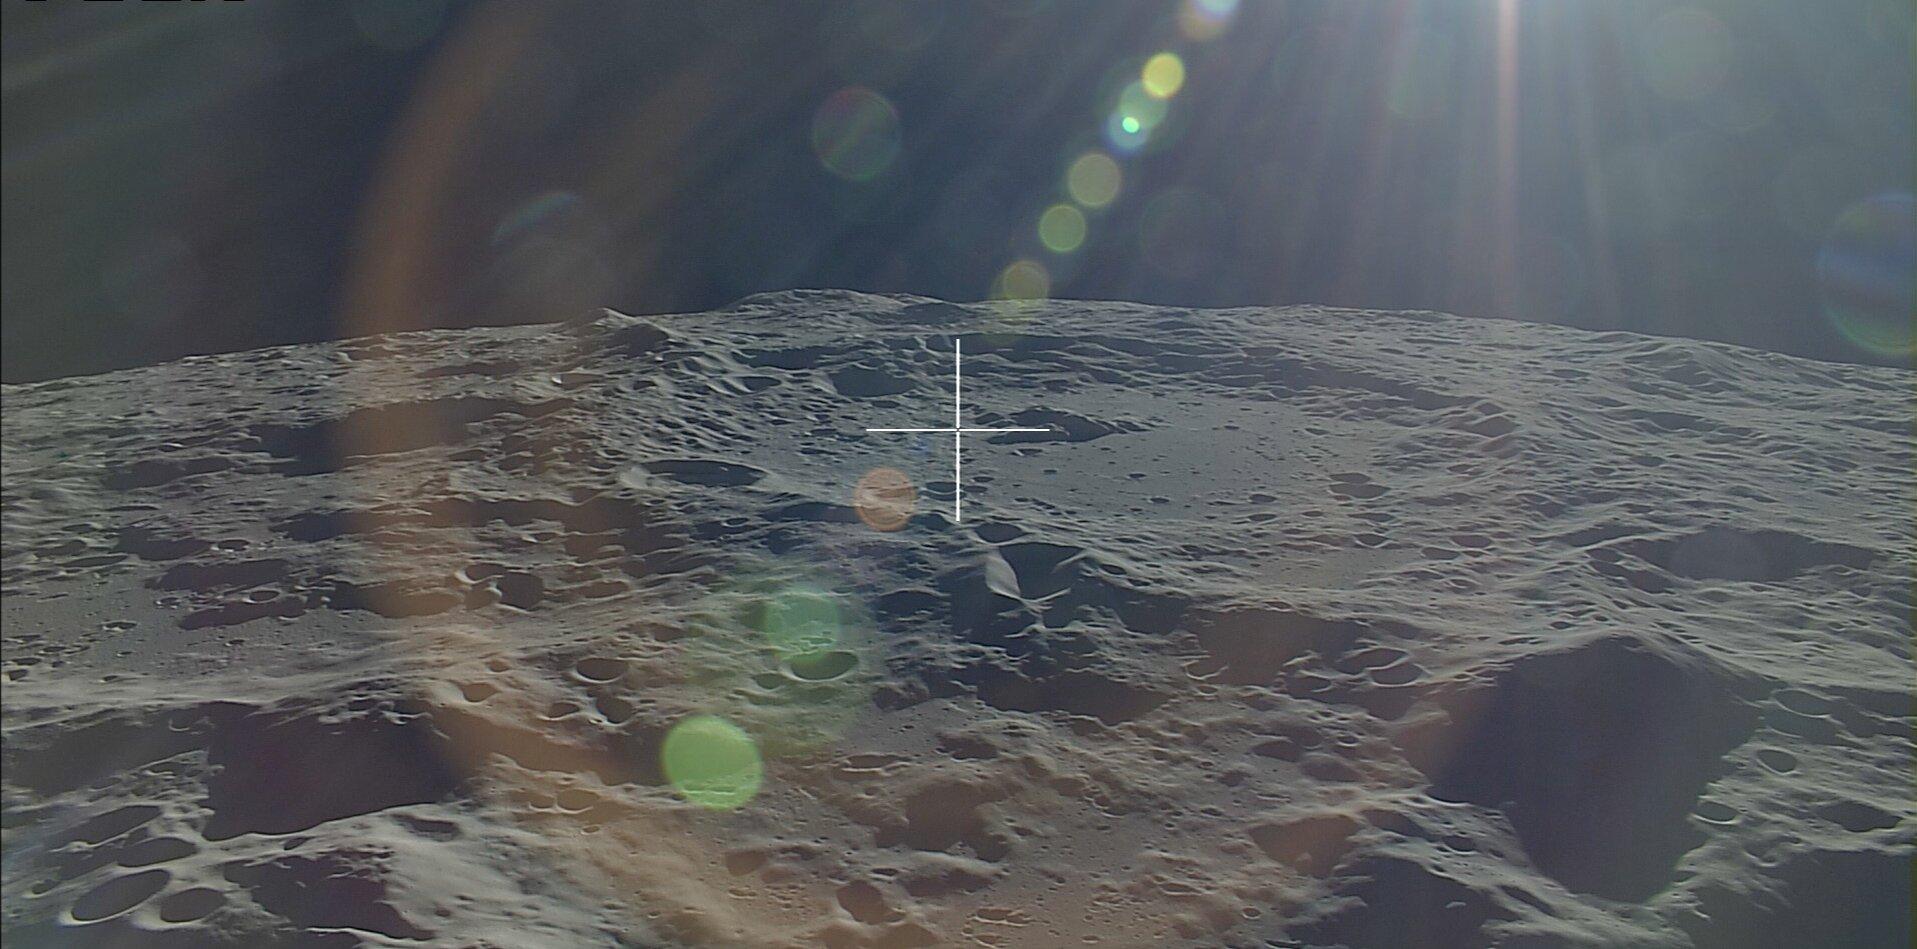 Europak zulagailu bat bidaltzen du Ilargiaren hego polora ... Luna 27 Errusiako misioaren baitan